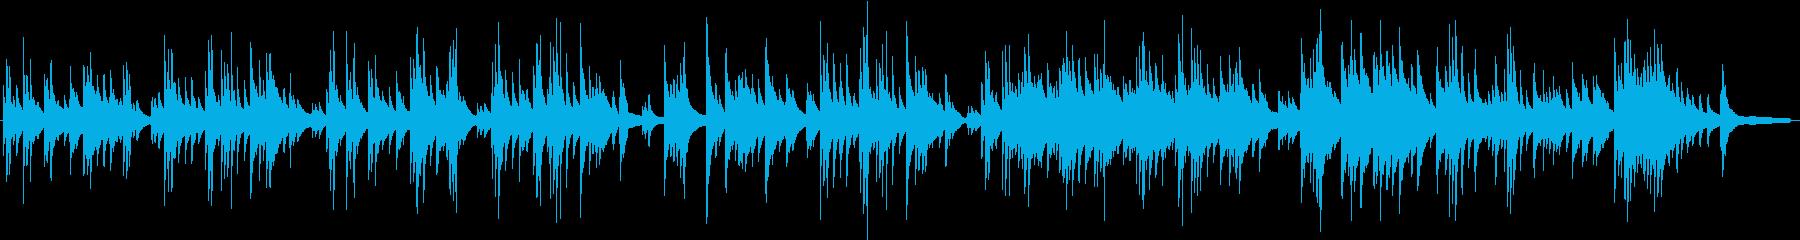 淡々とした切ないピアノバラードLIVEの再生済みの波形